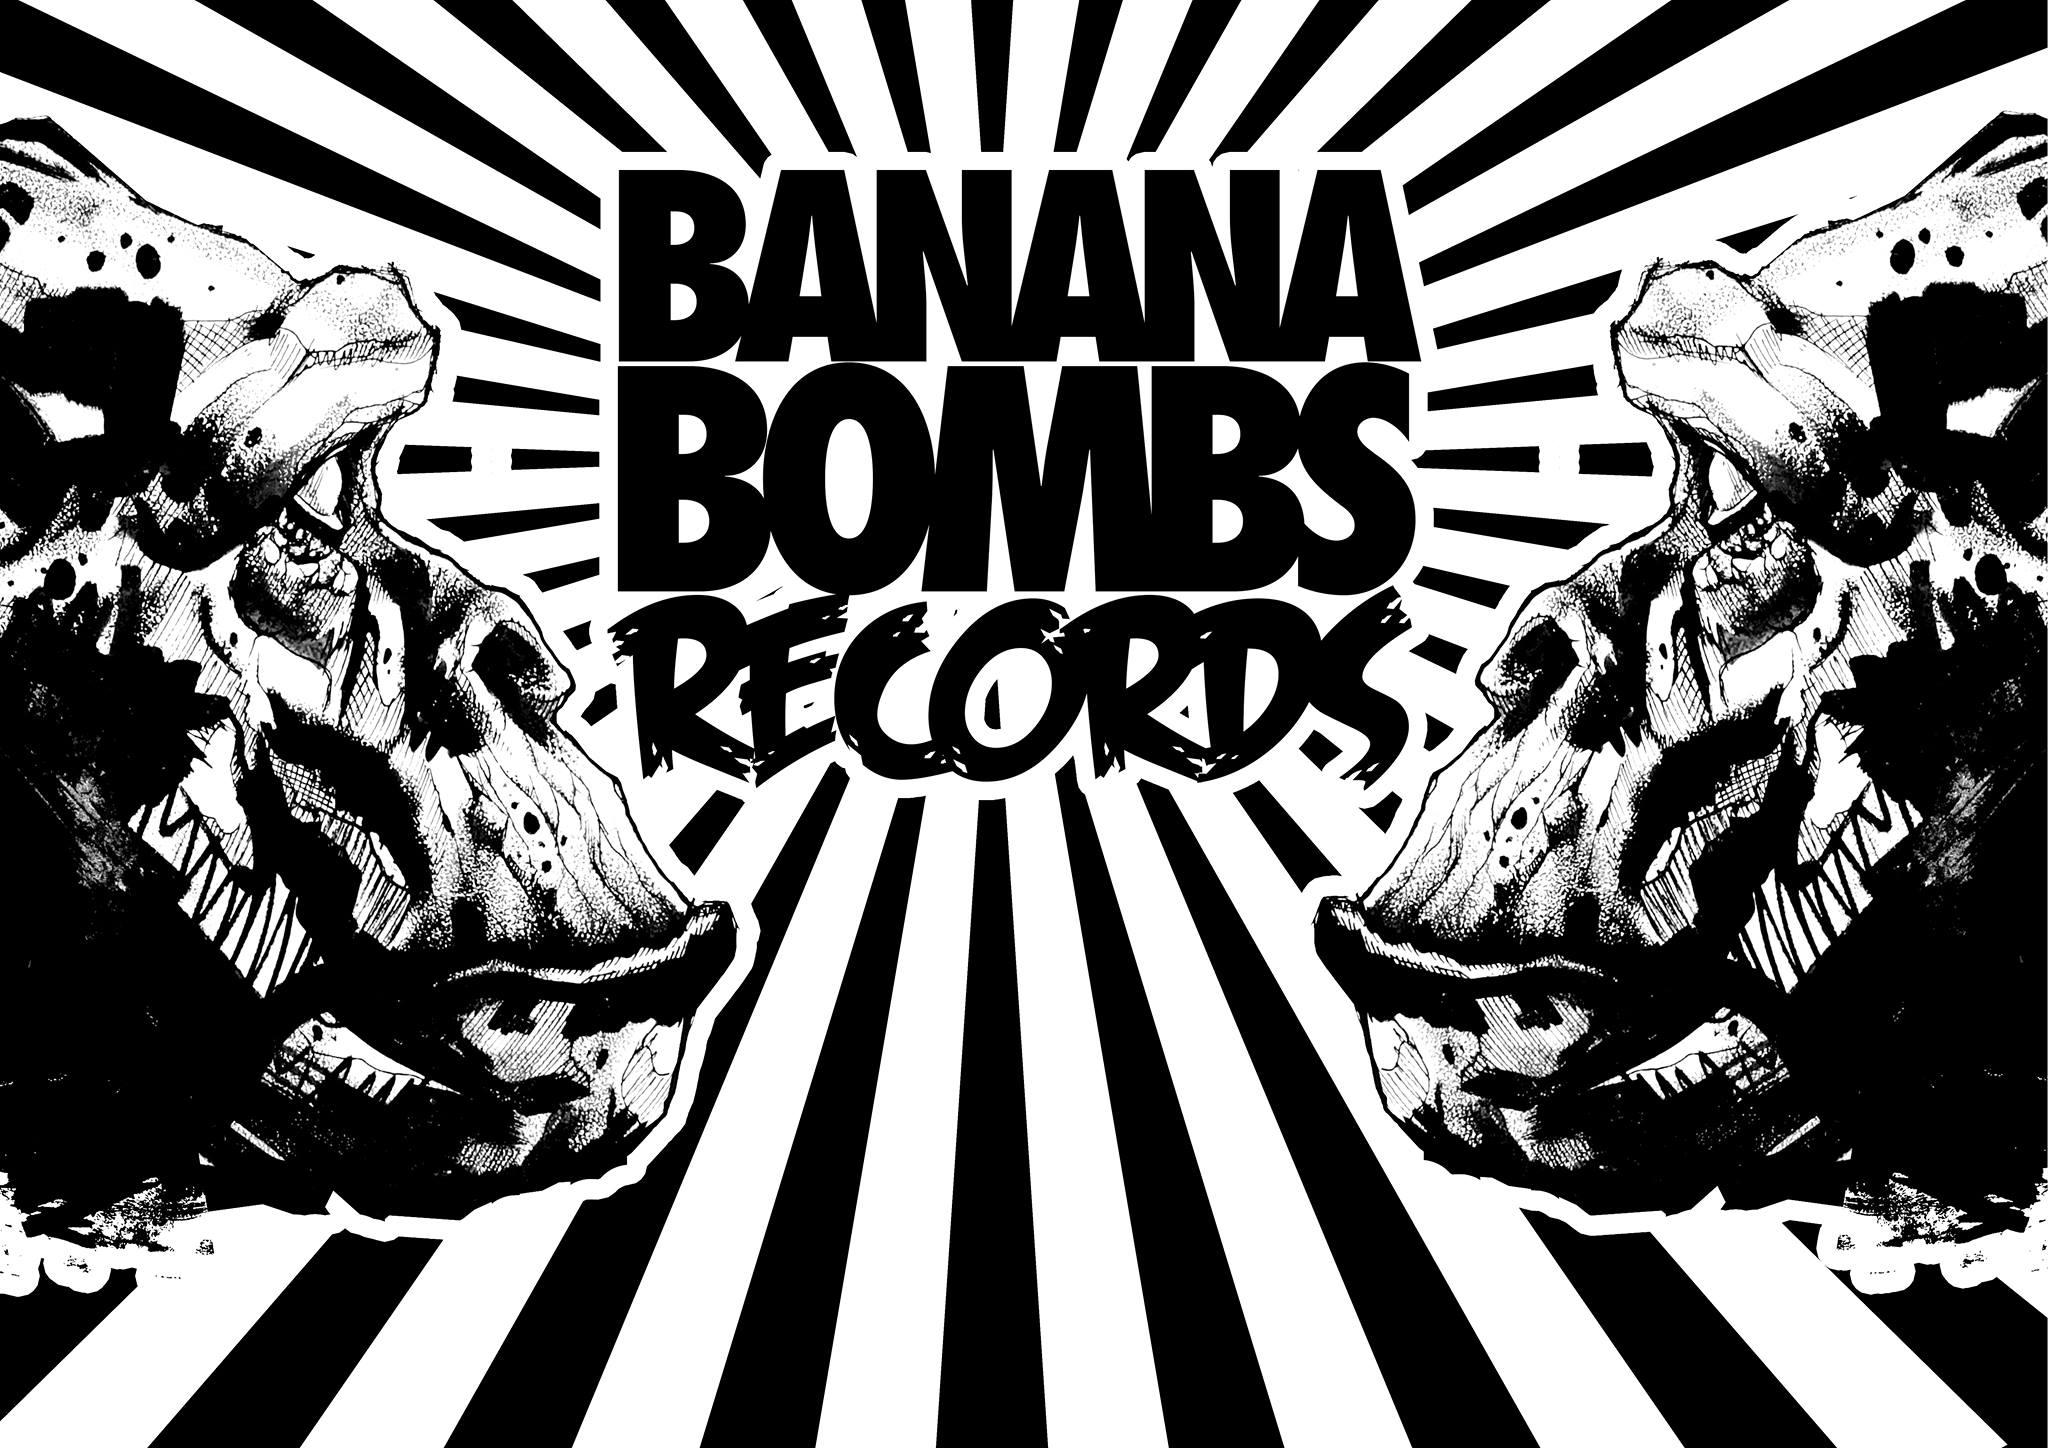 2048x1448 Banana Bombs Records Presents Inja Full Moon Backpacker Hostel